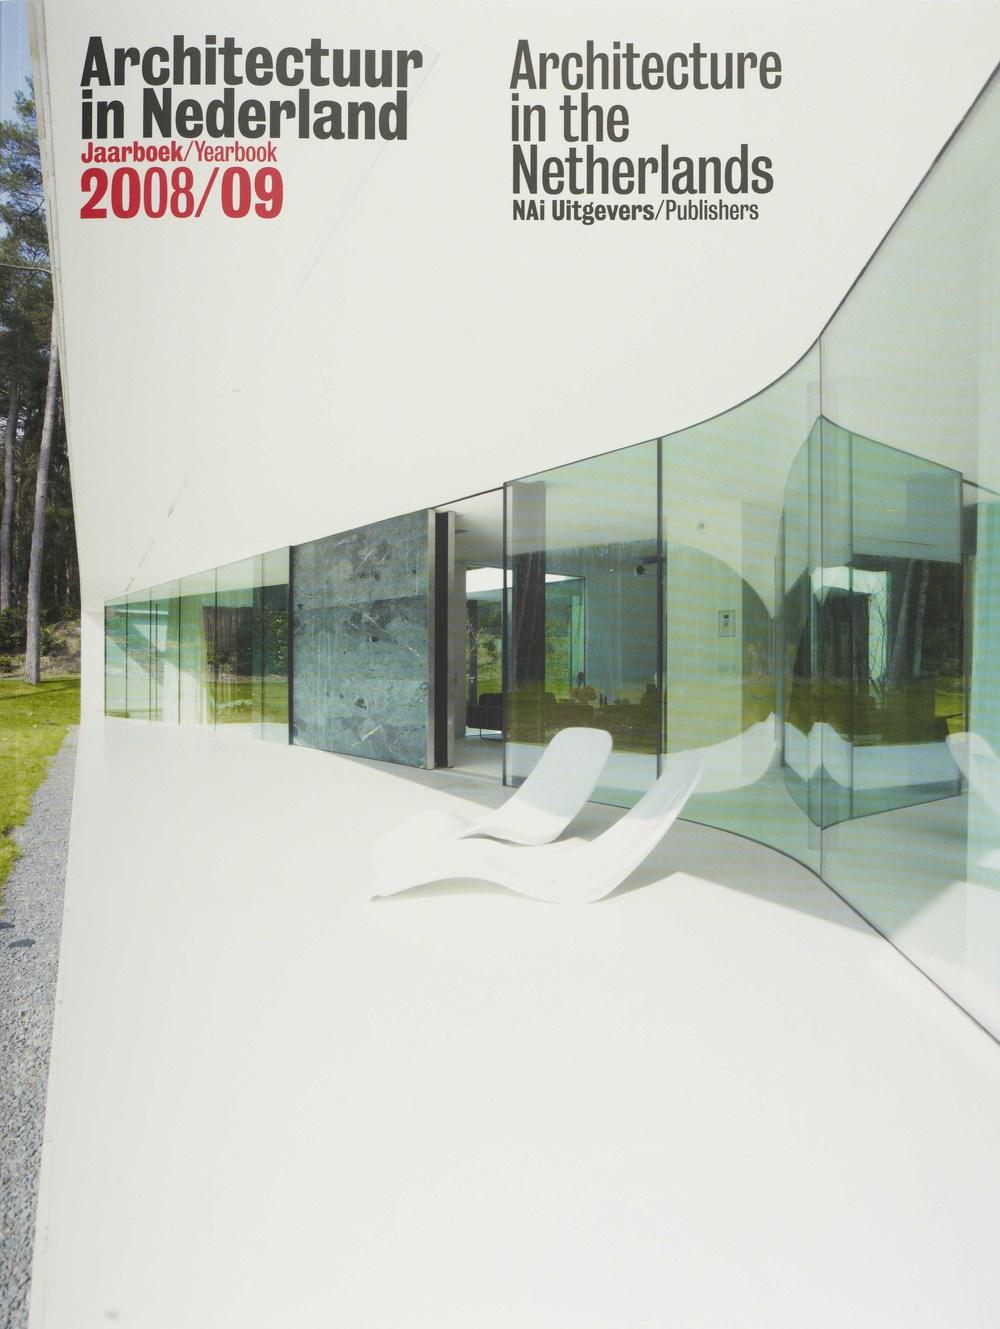 2009_arch jaarboek.jpg